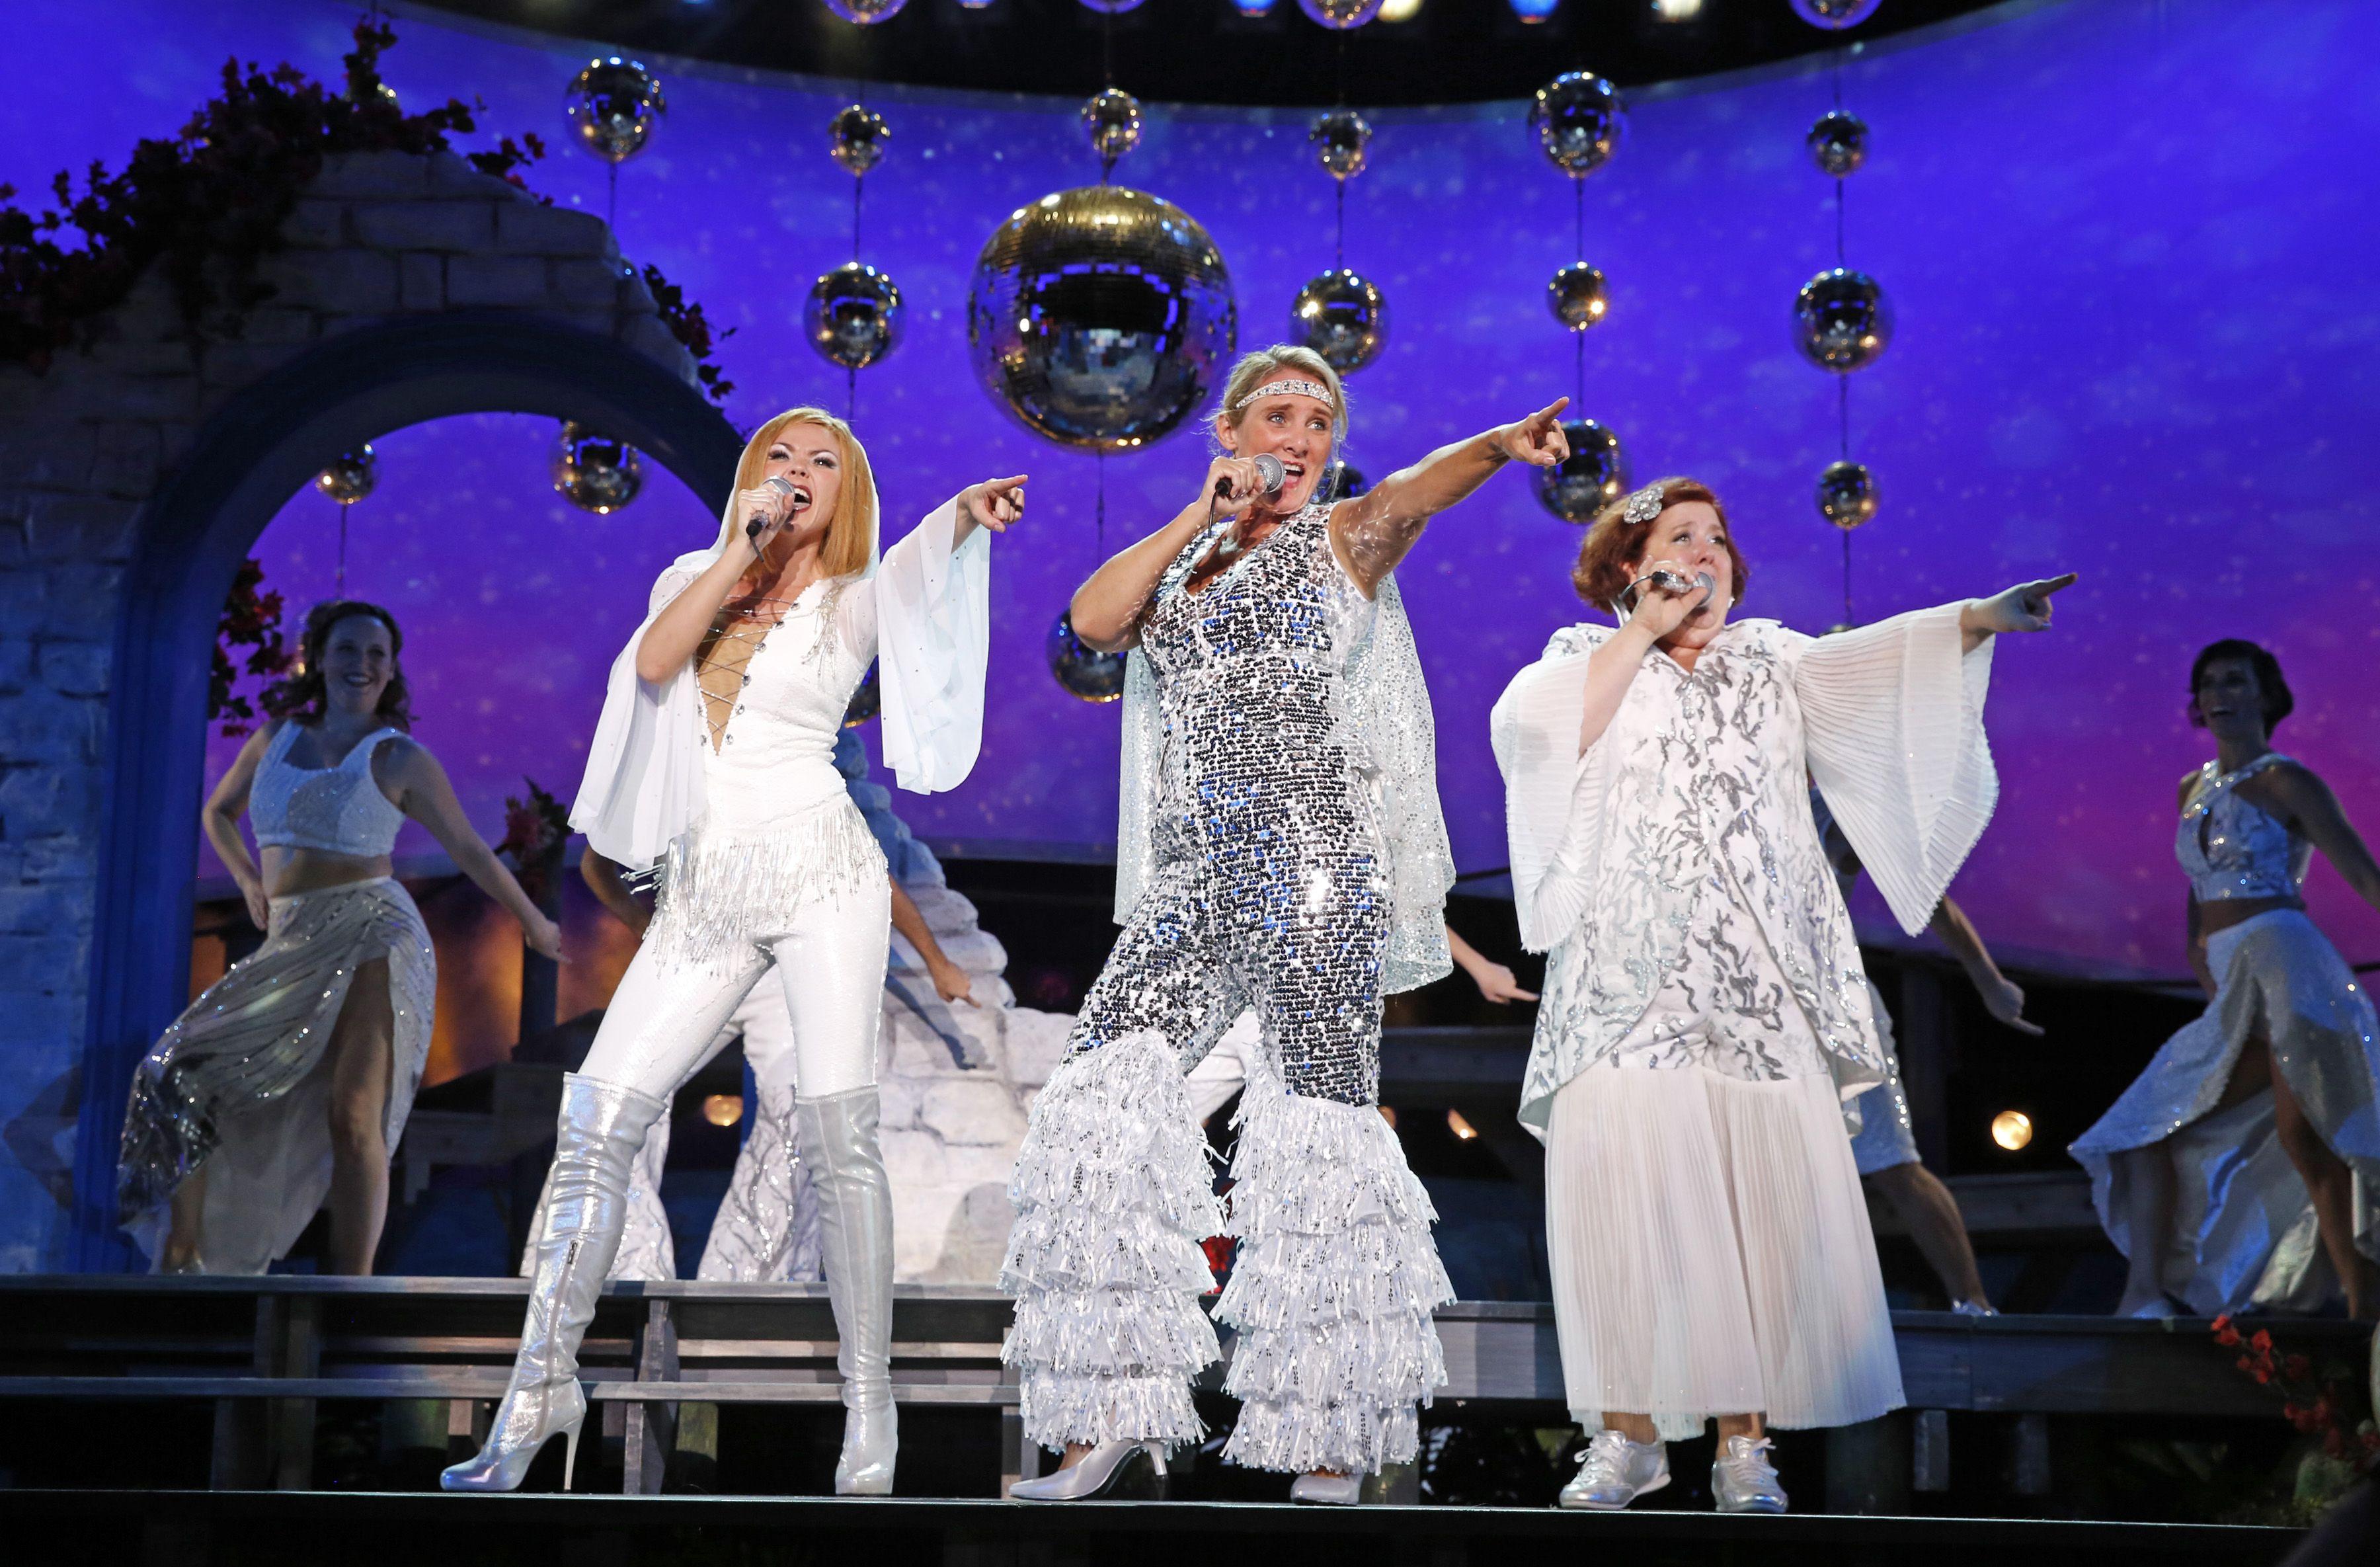 Image Result For White Mamma Mia Broadway Costumes Mamma Mia In 2019 Broadway Costumes Mamma Mia Musicals